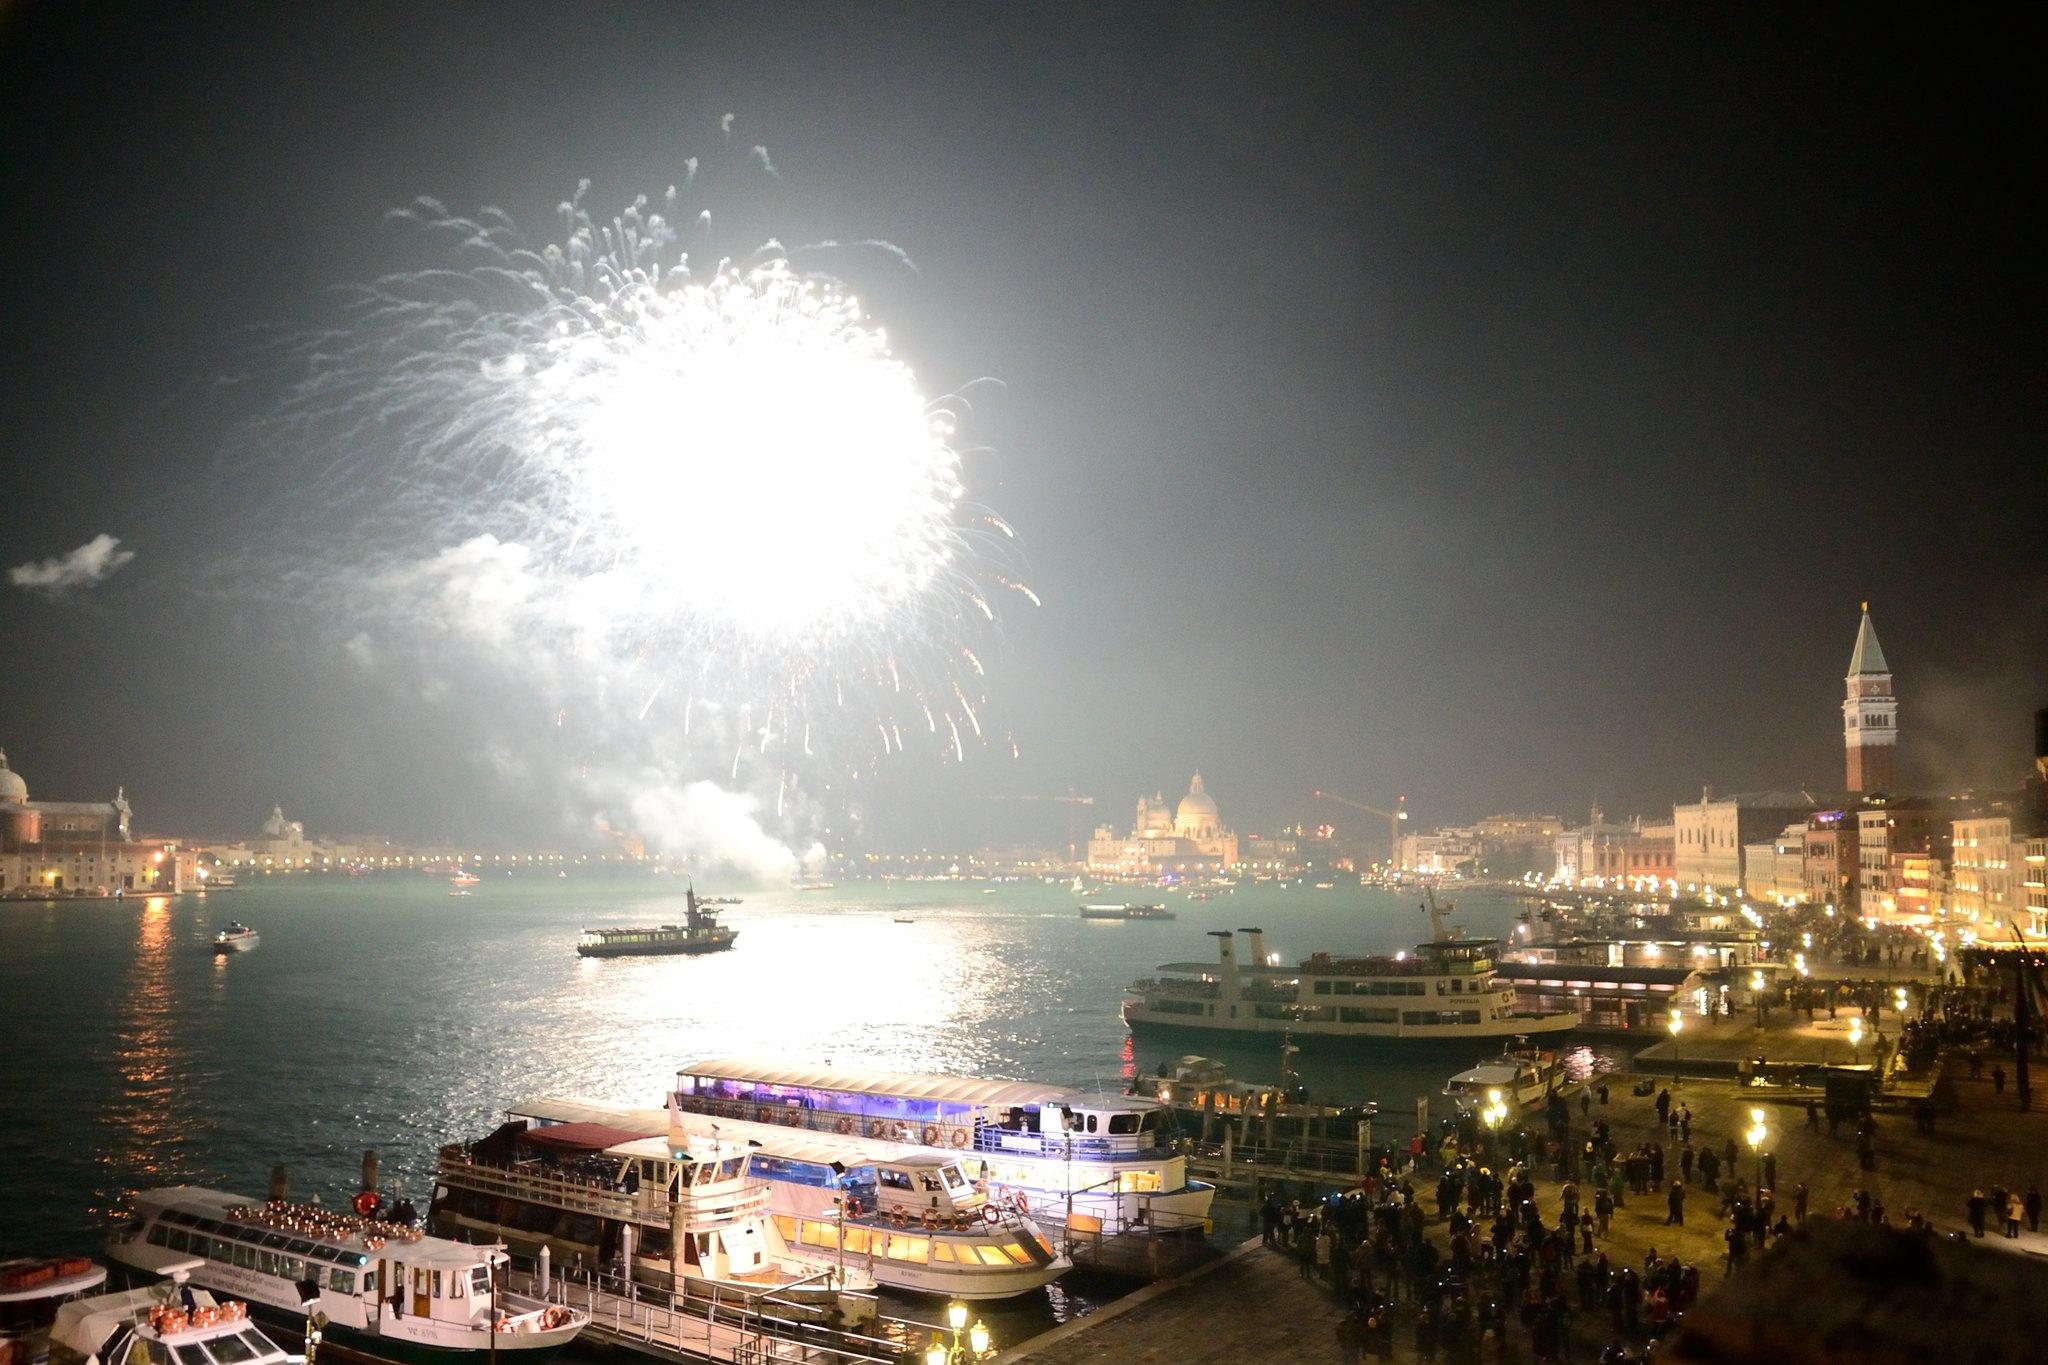 Capodanno 2020 a Venezia